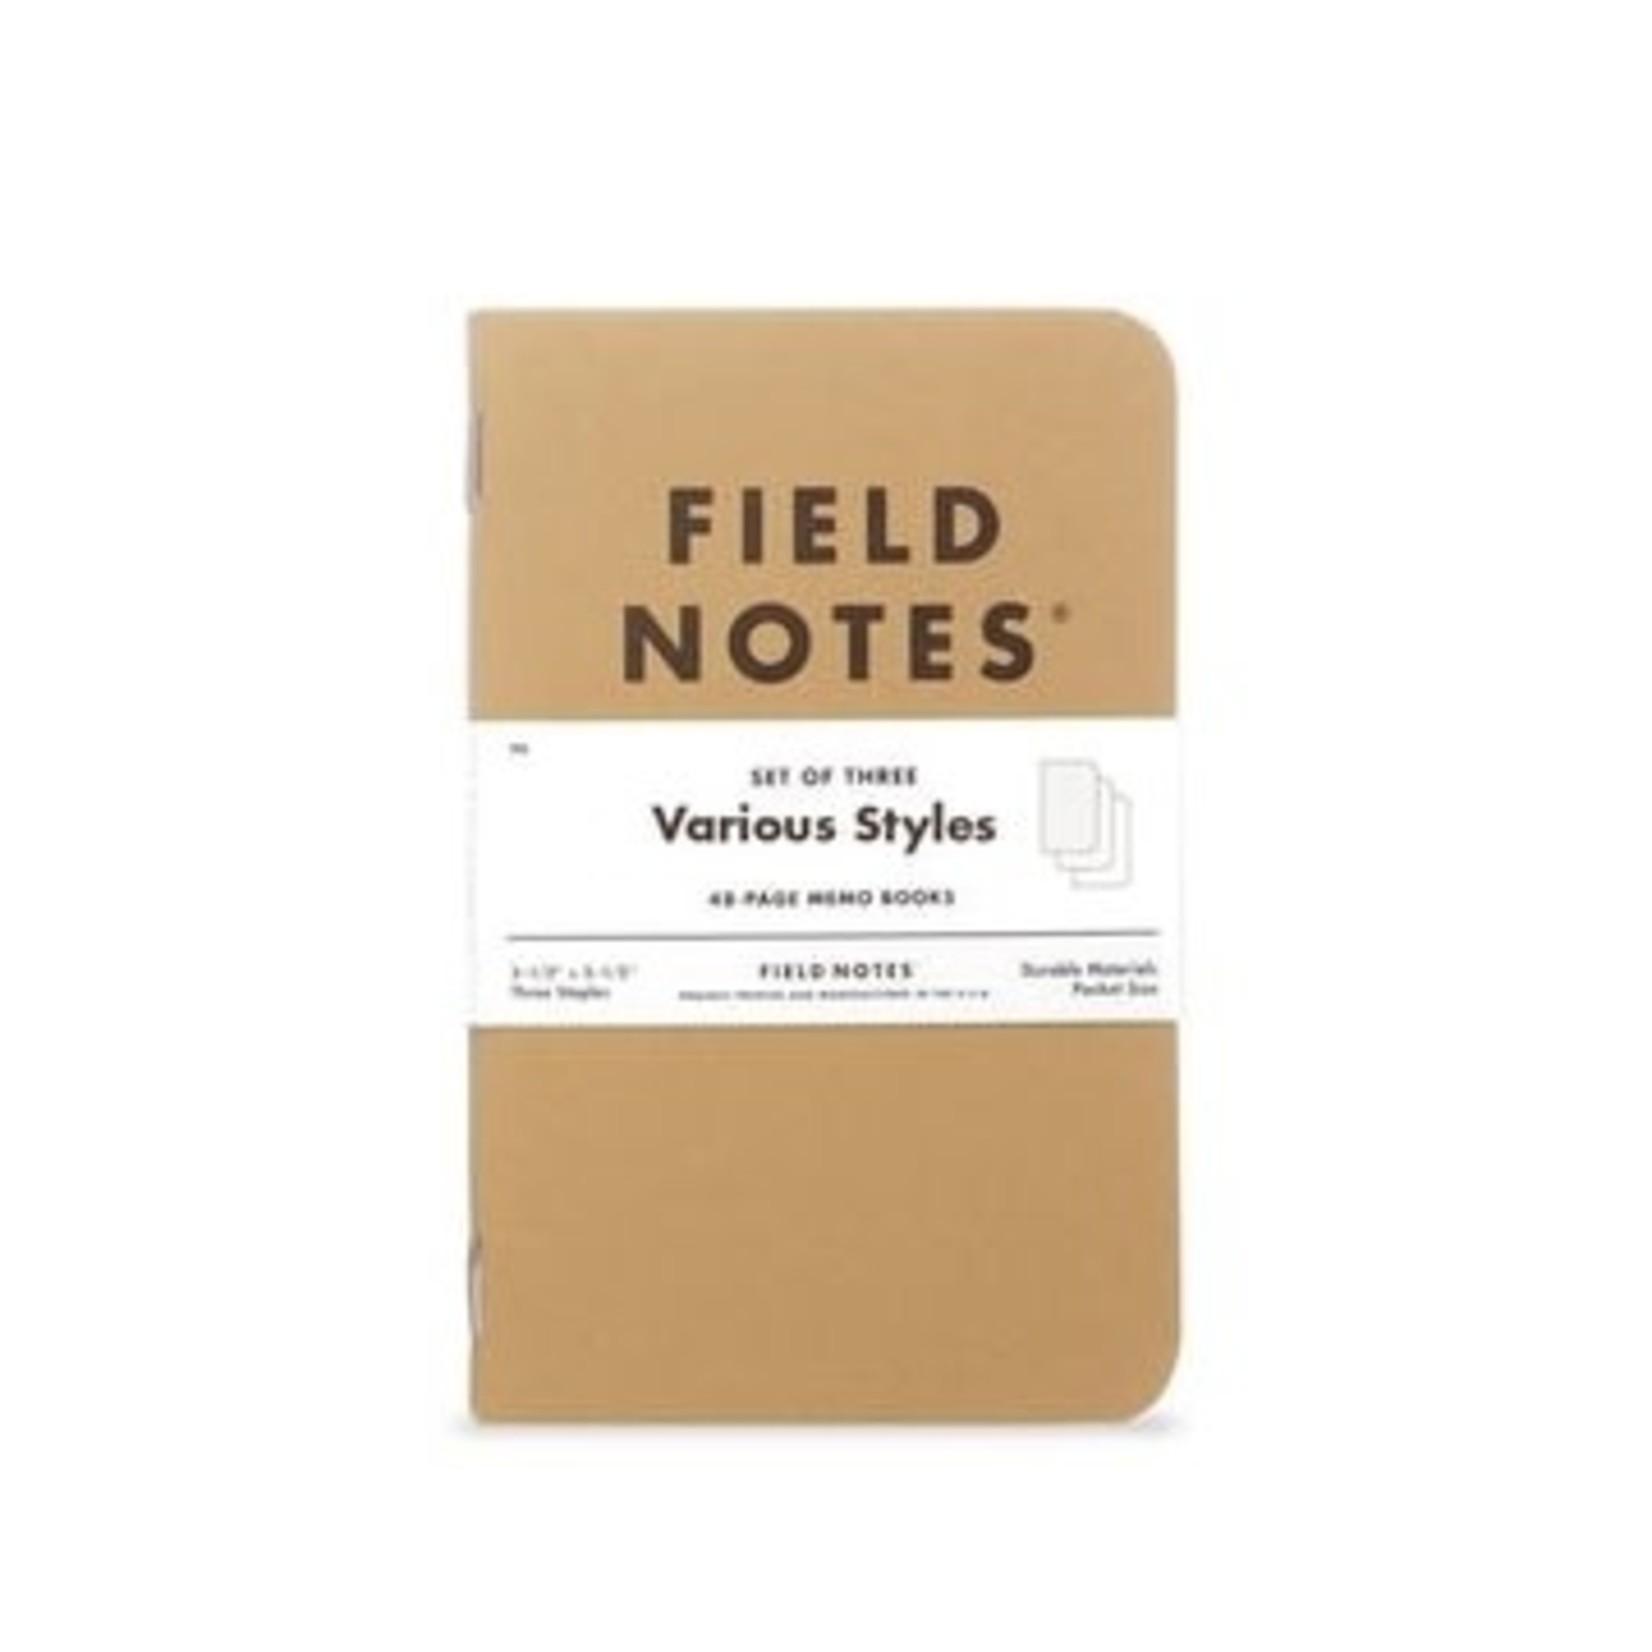 Field Notes Field Notes Original Kraft 3-Packs  Plain